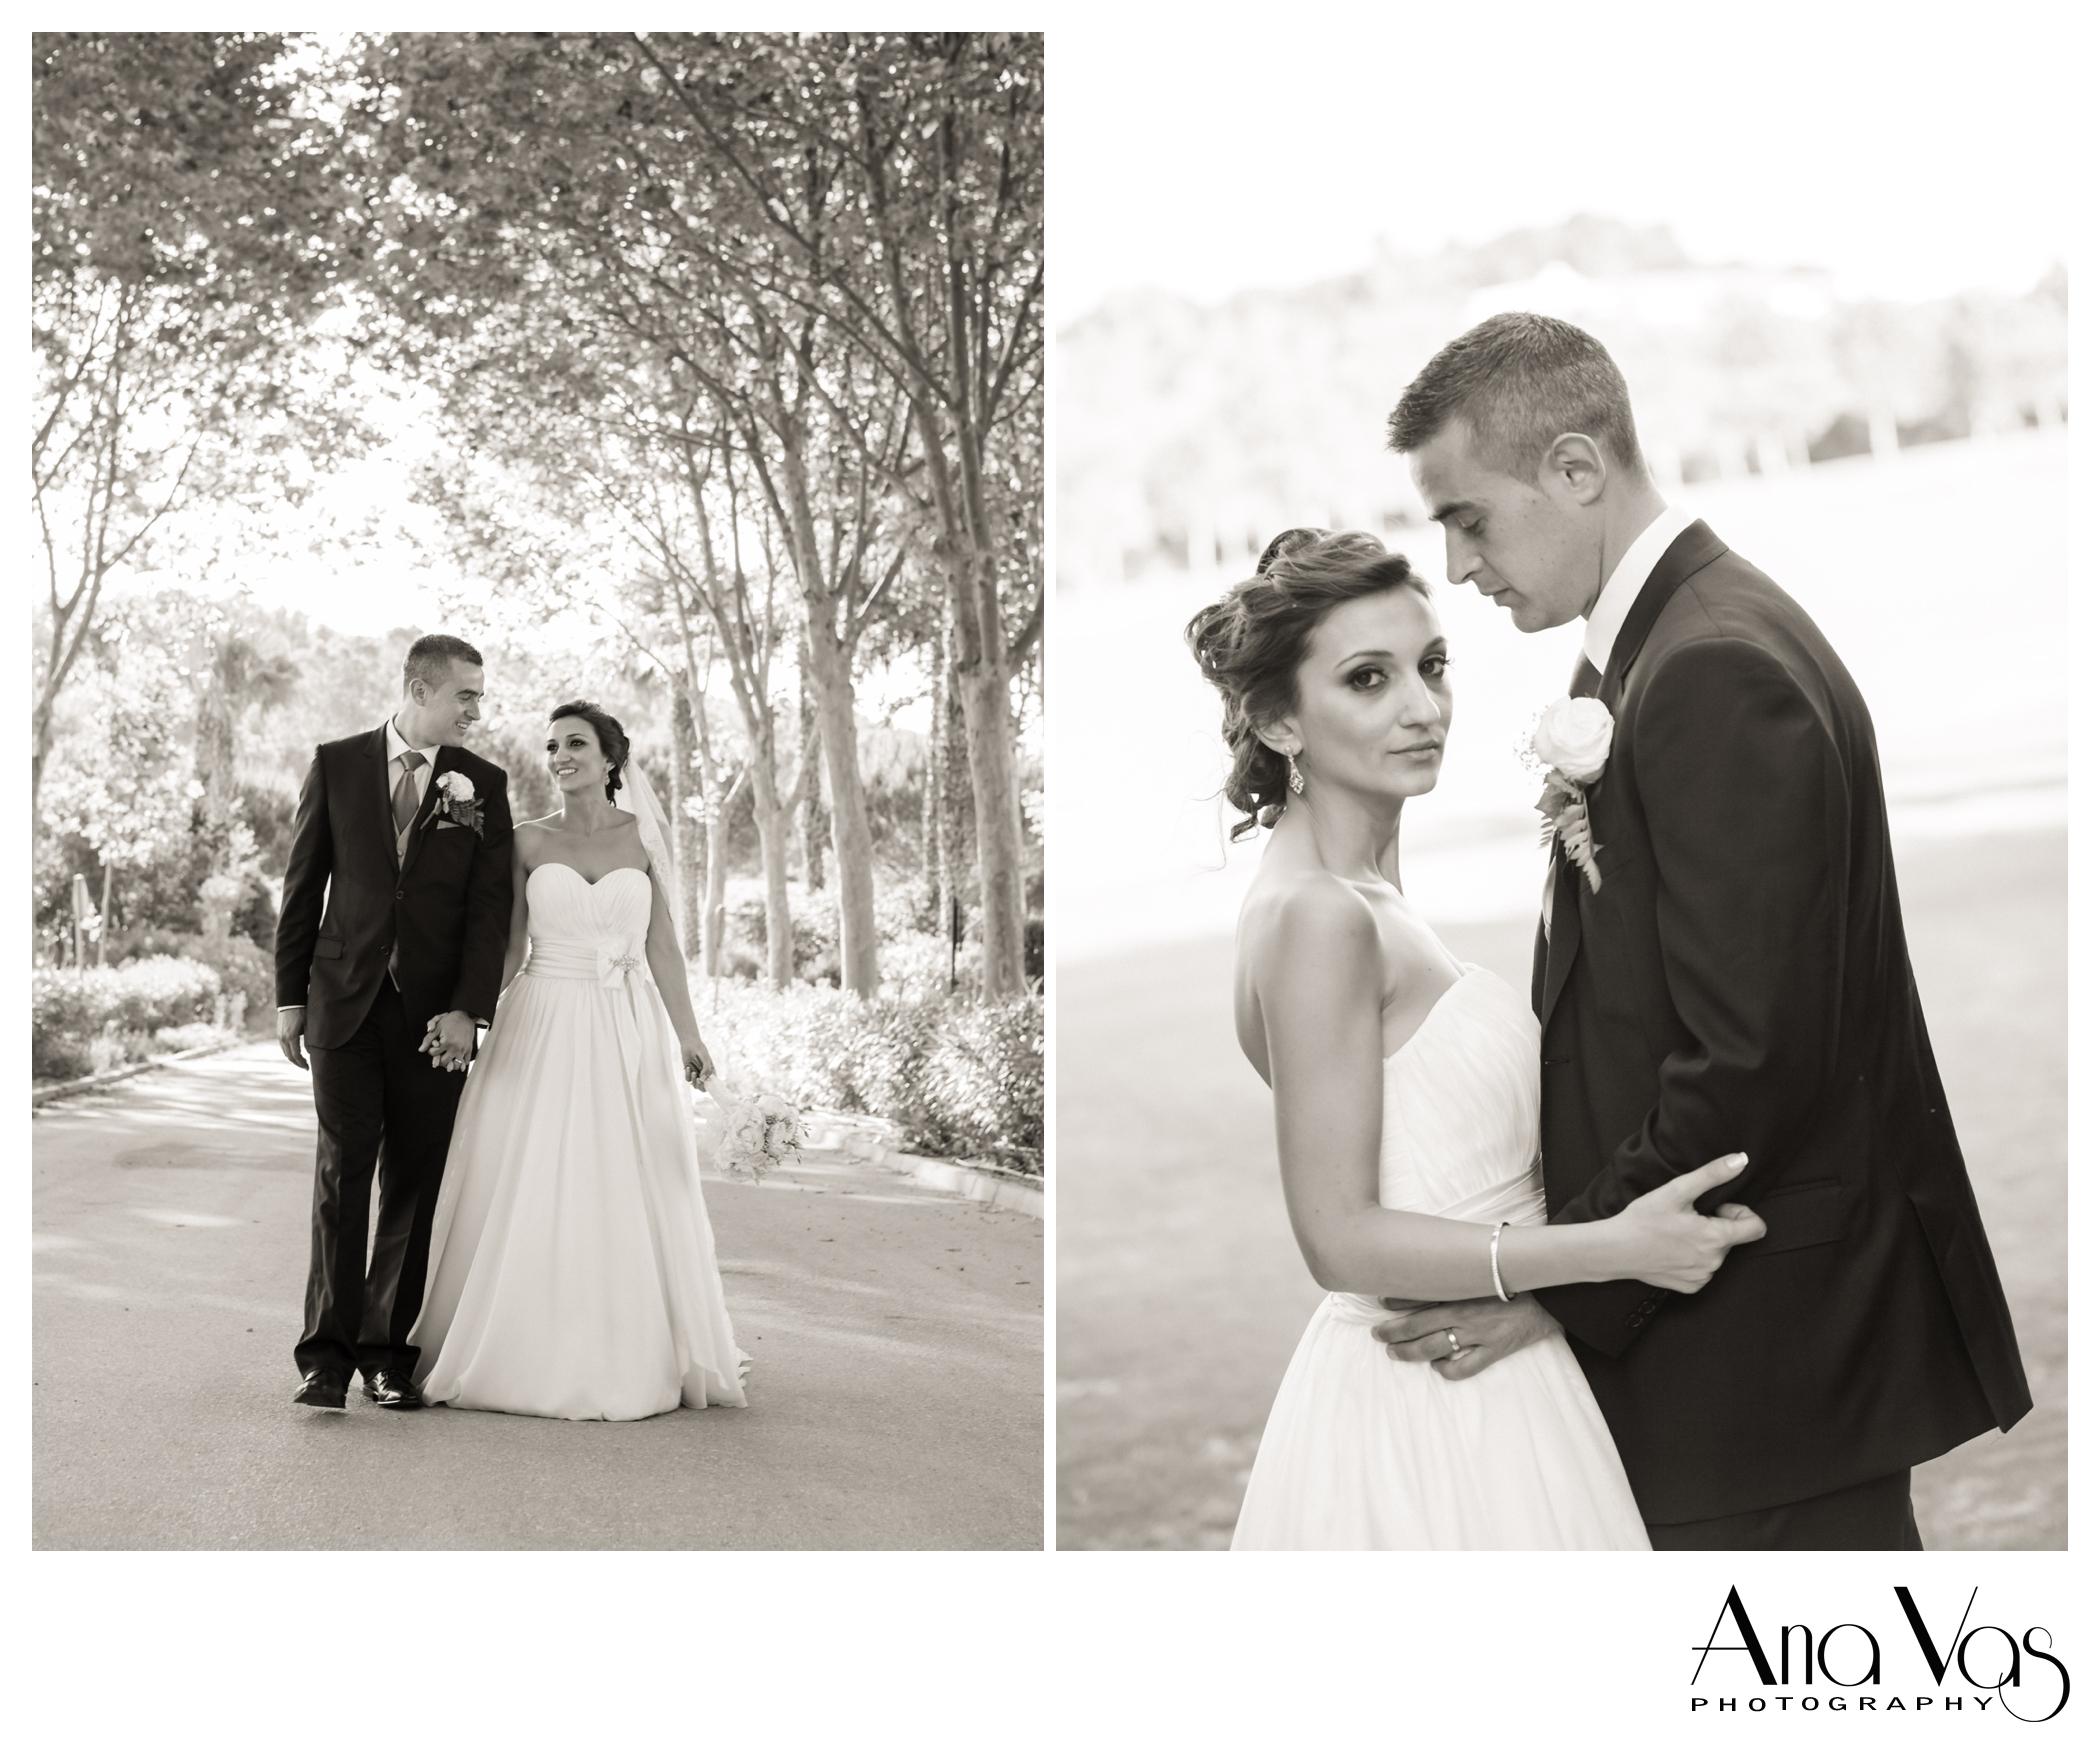 Wedding at La Cancha II